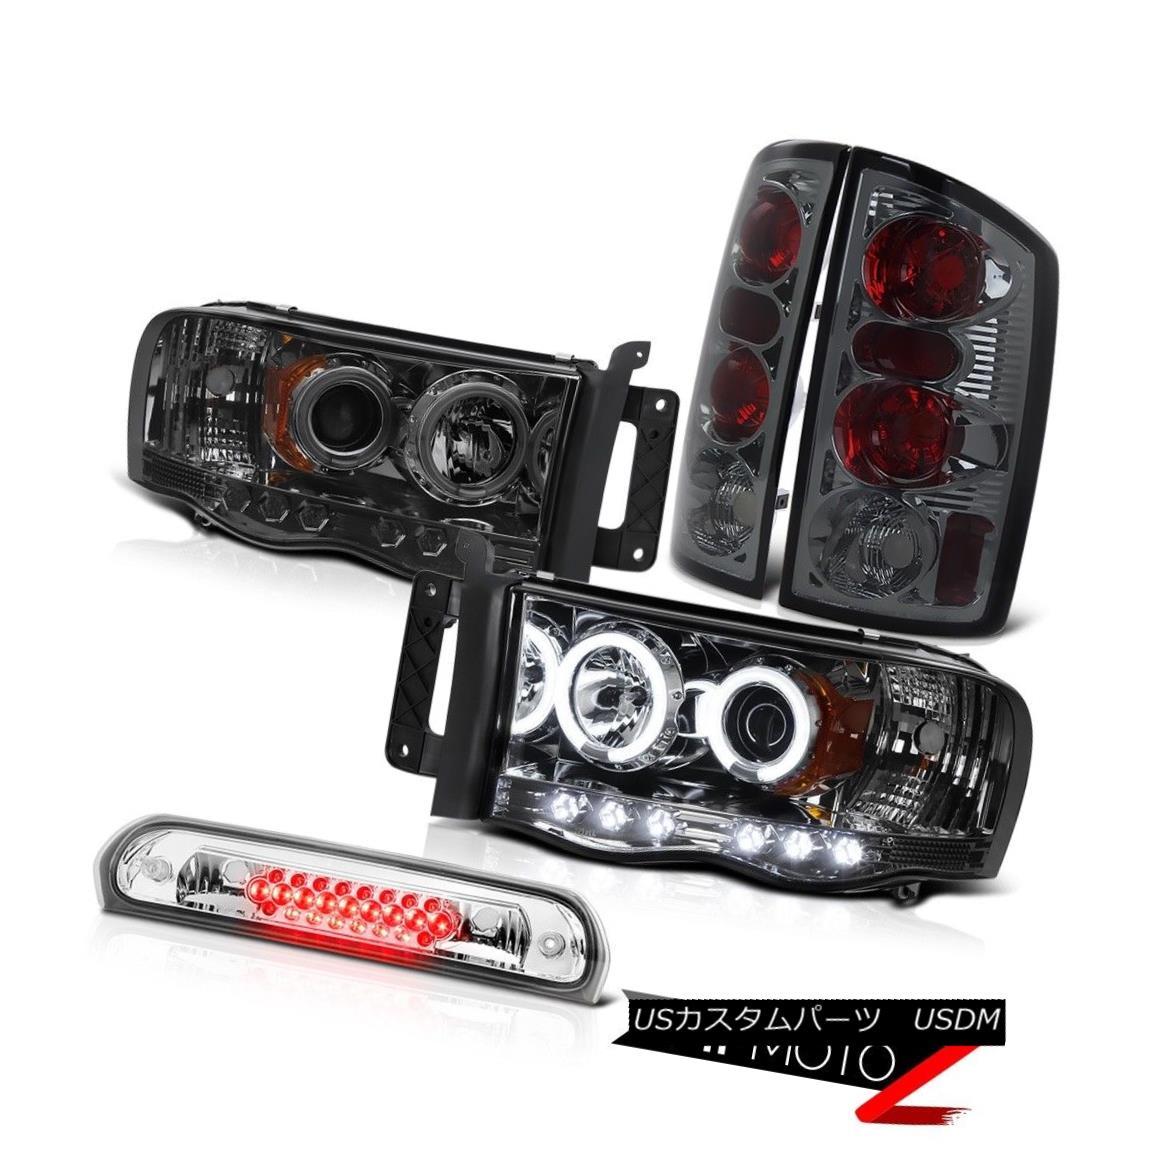 テールライト 2x CCFL Angel Eye Headlights Smoke Rear Tail Lamps Roof LED Clear 02-05 Ram 3500 2x CCFLエンジェルアイヘッドライトスモークリアテールランプルーフLEDクリア02-05 Ram 3500